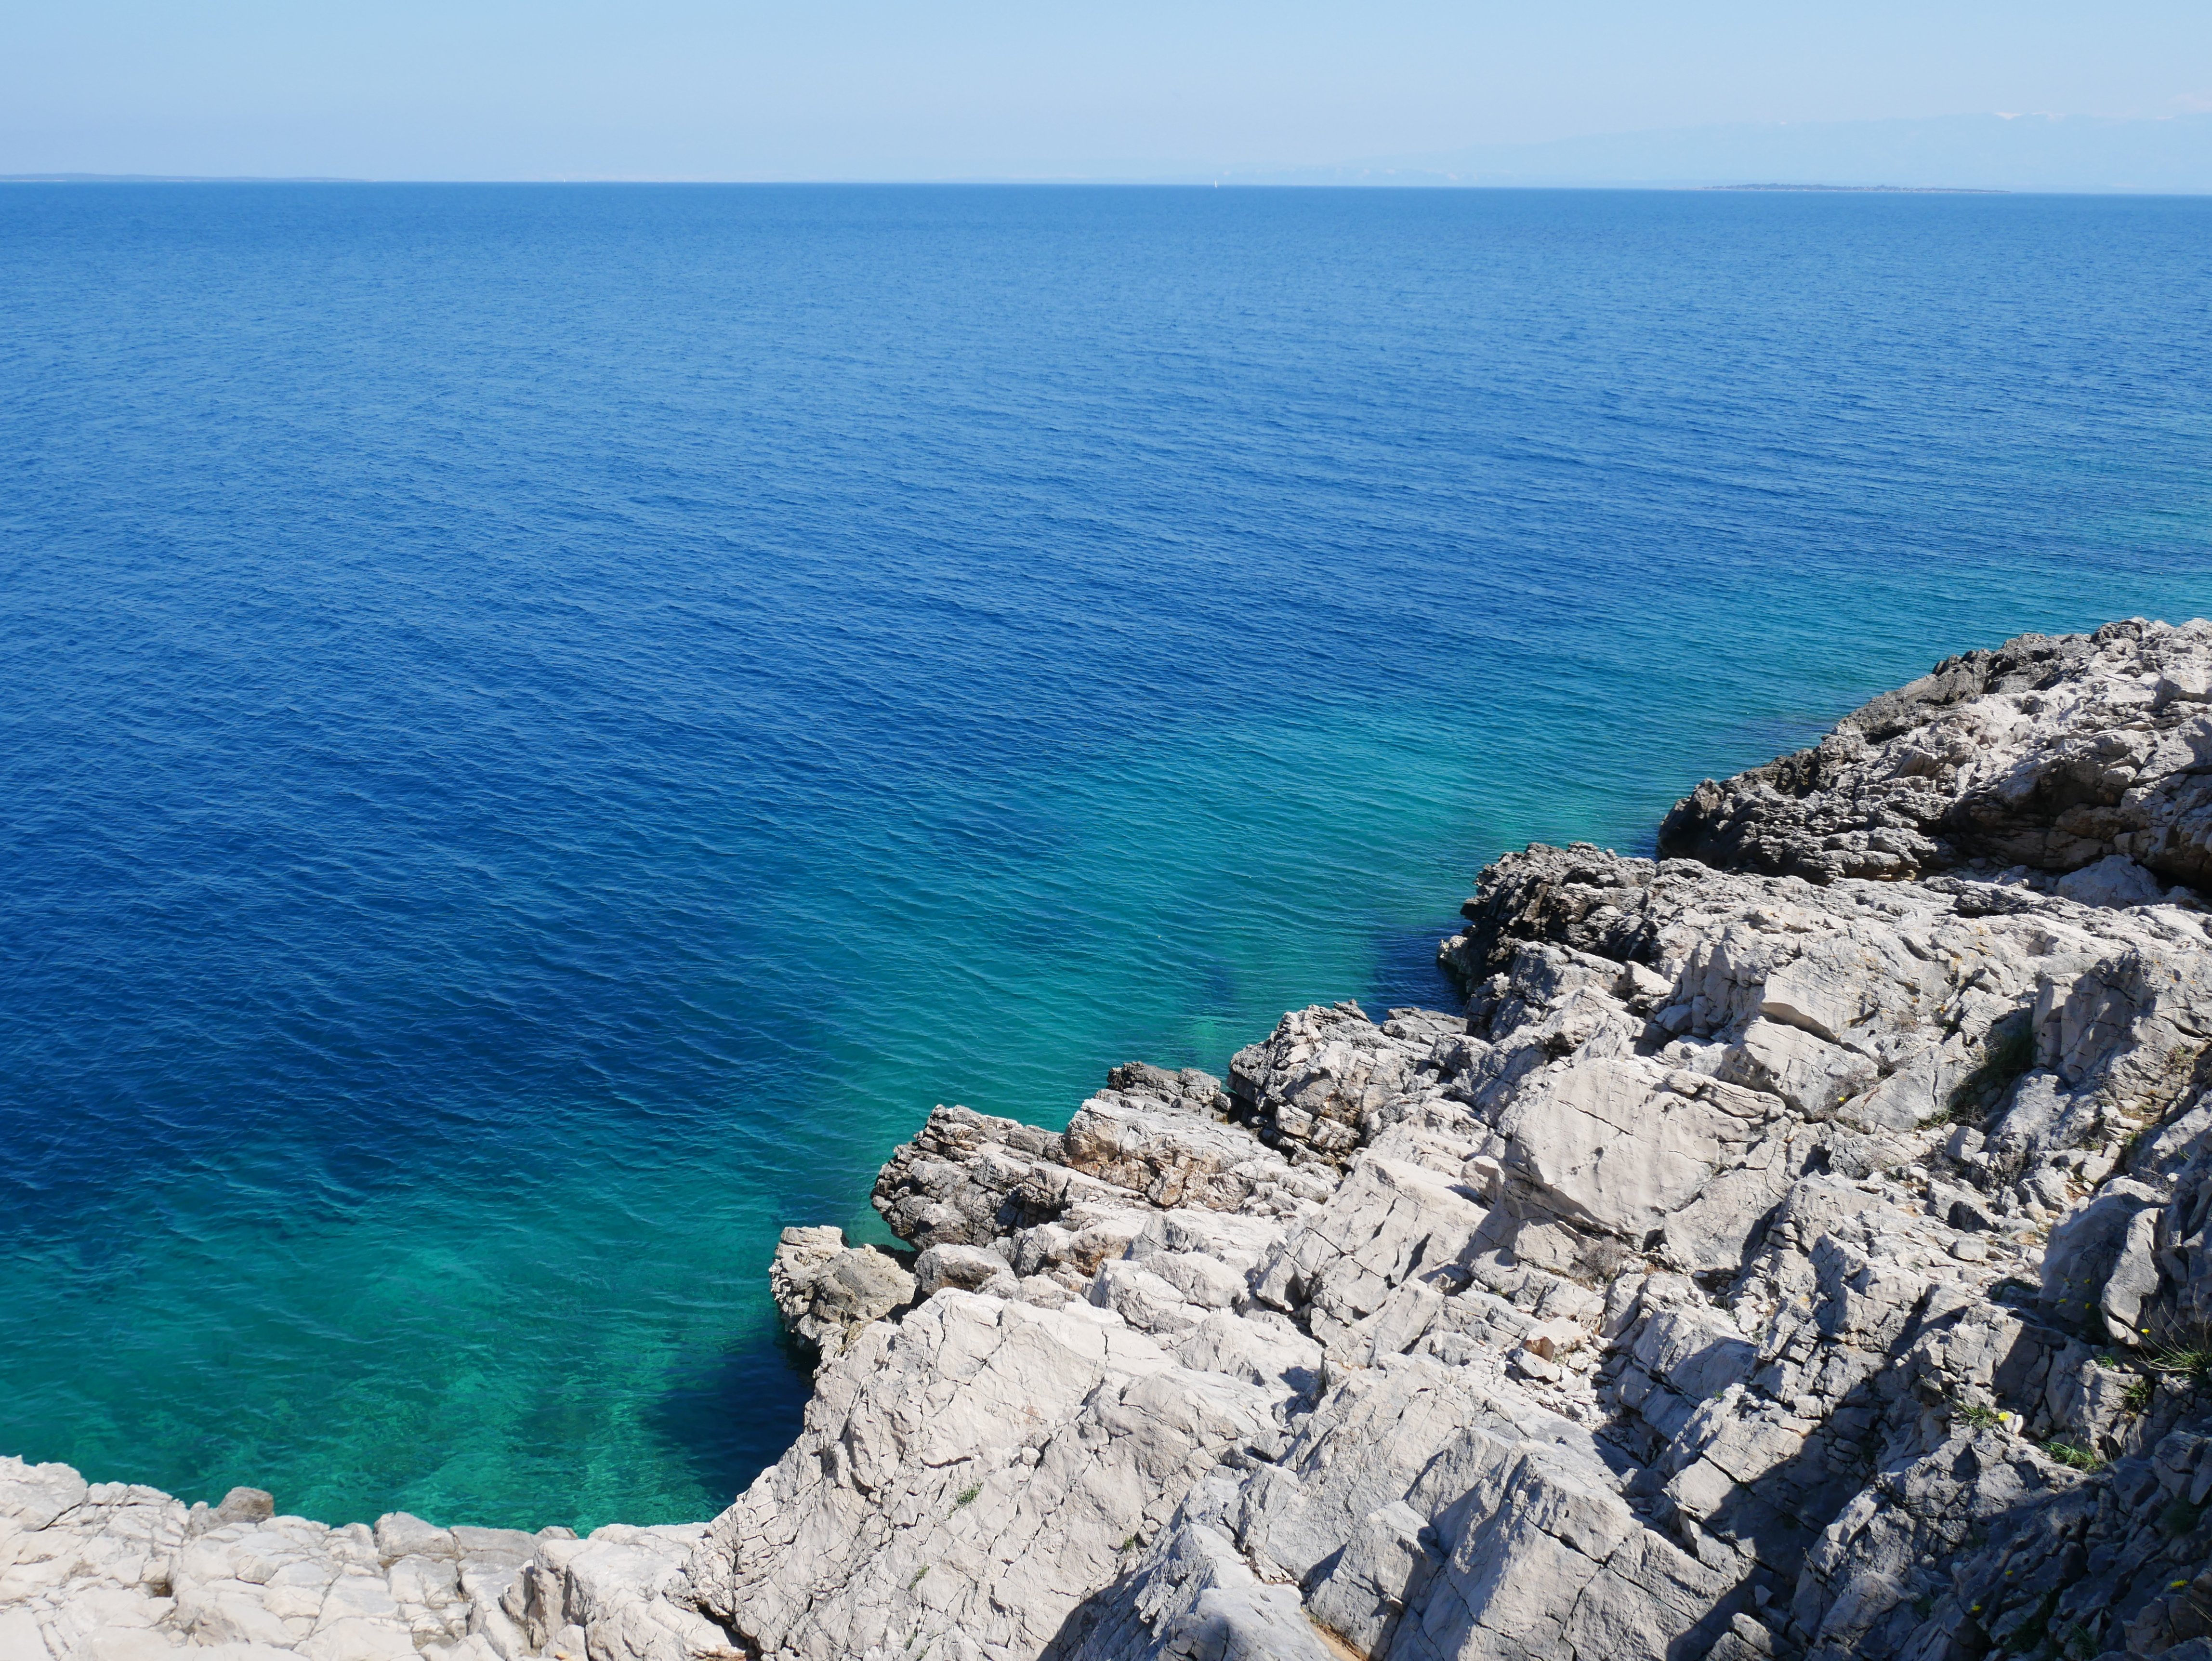 Slika prikazuje more i stijene na otoku Lošinju.